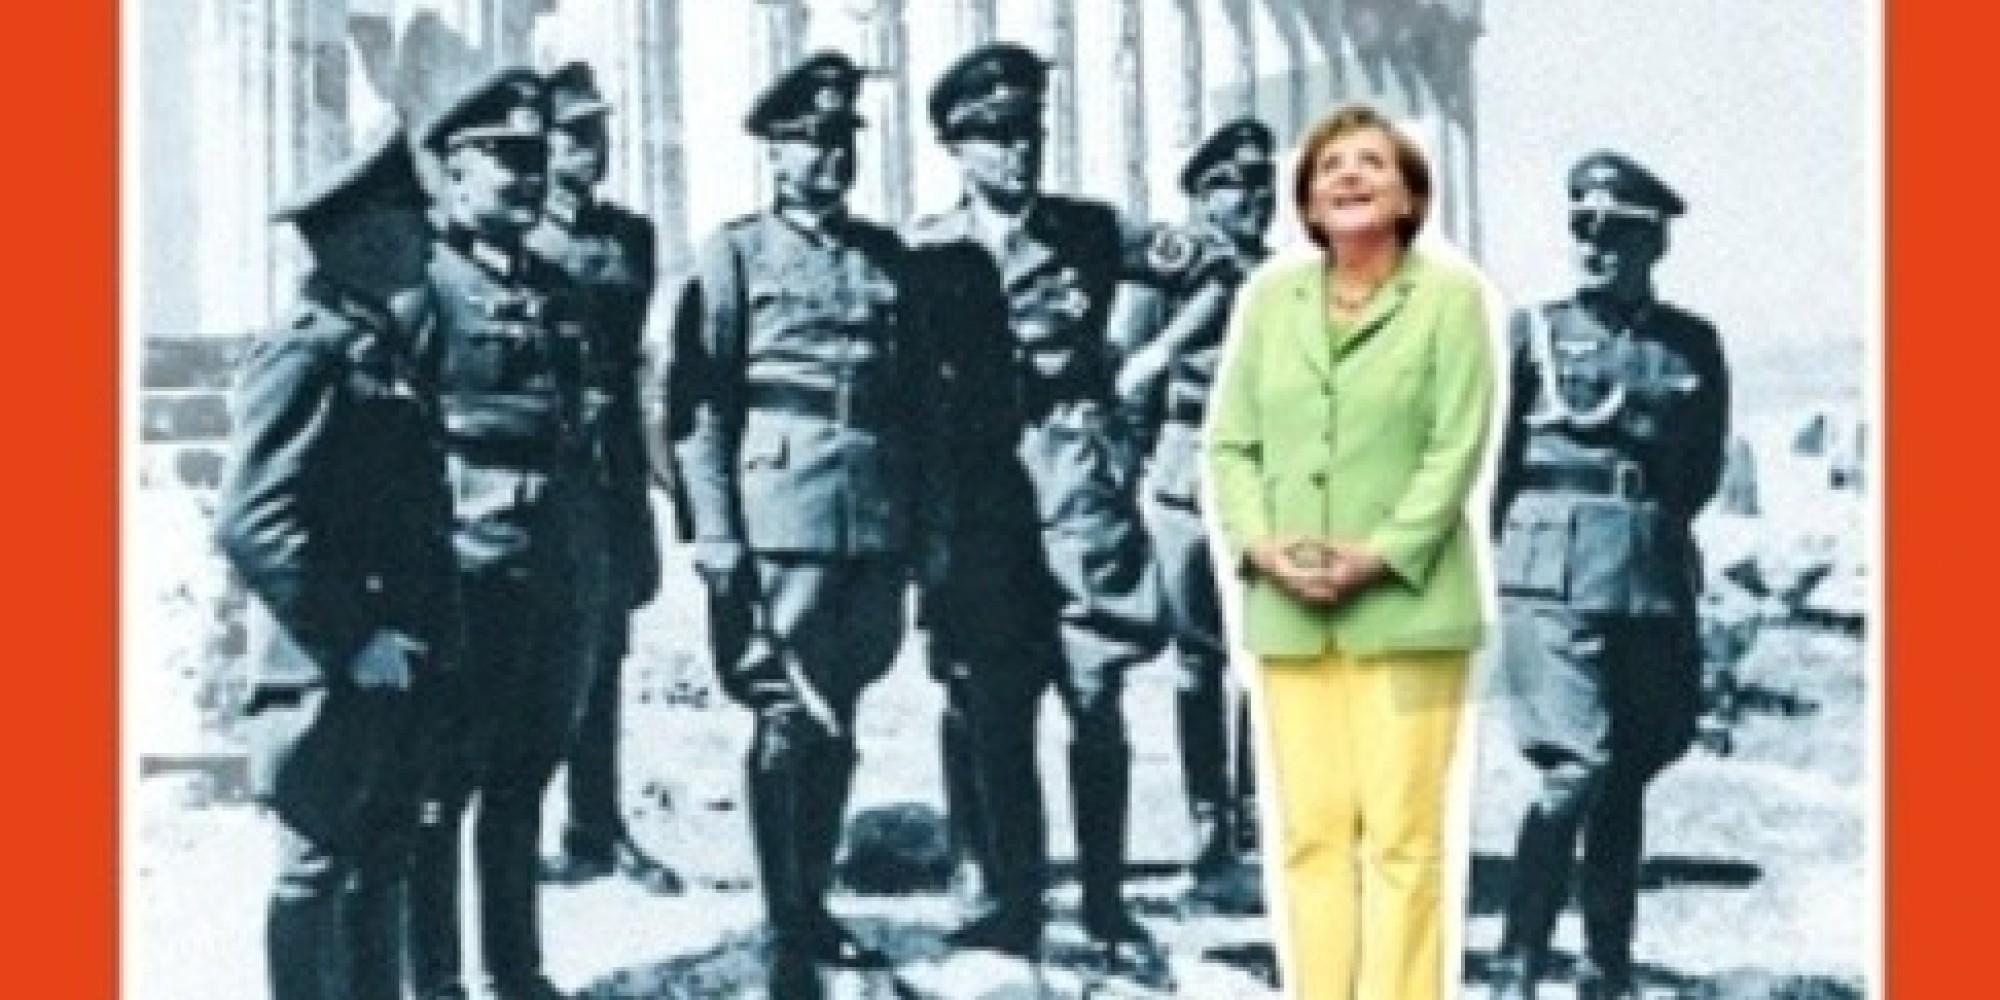 Una portada de 39 spiegel 39 con merkel entre nazis desata la for Facebook spiegel